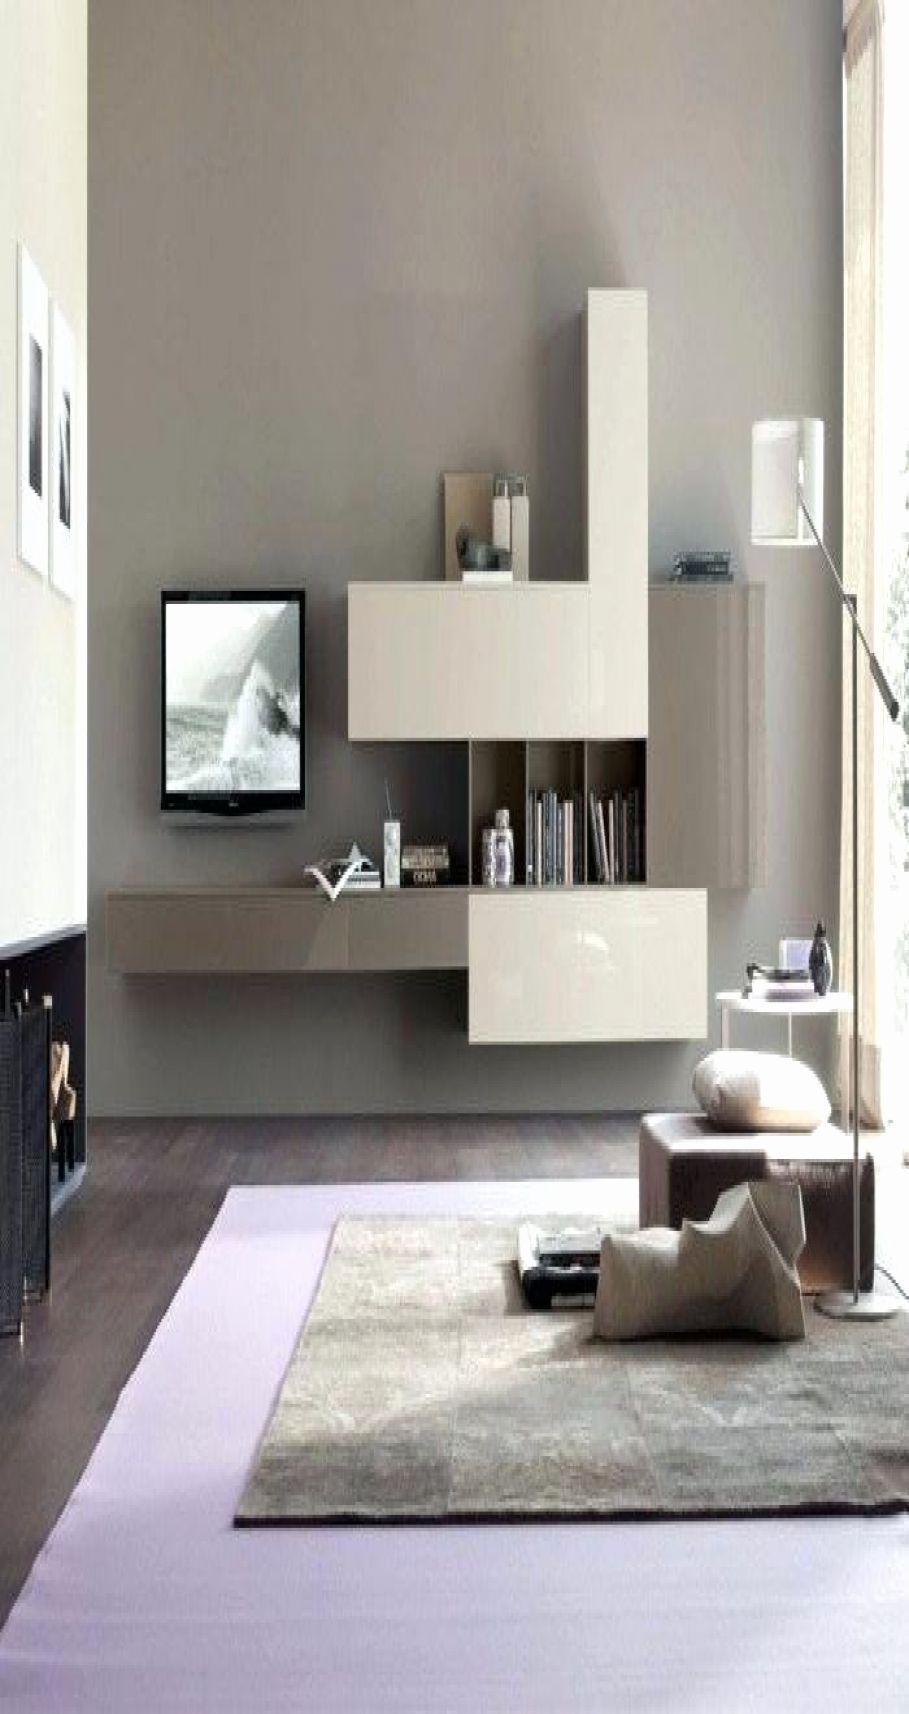 Wohnzimmer Ideen Wand Streichen Wohnzimmer Ideen Wand Wände